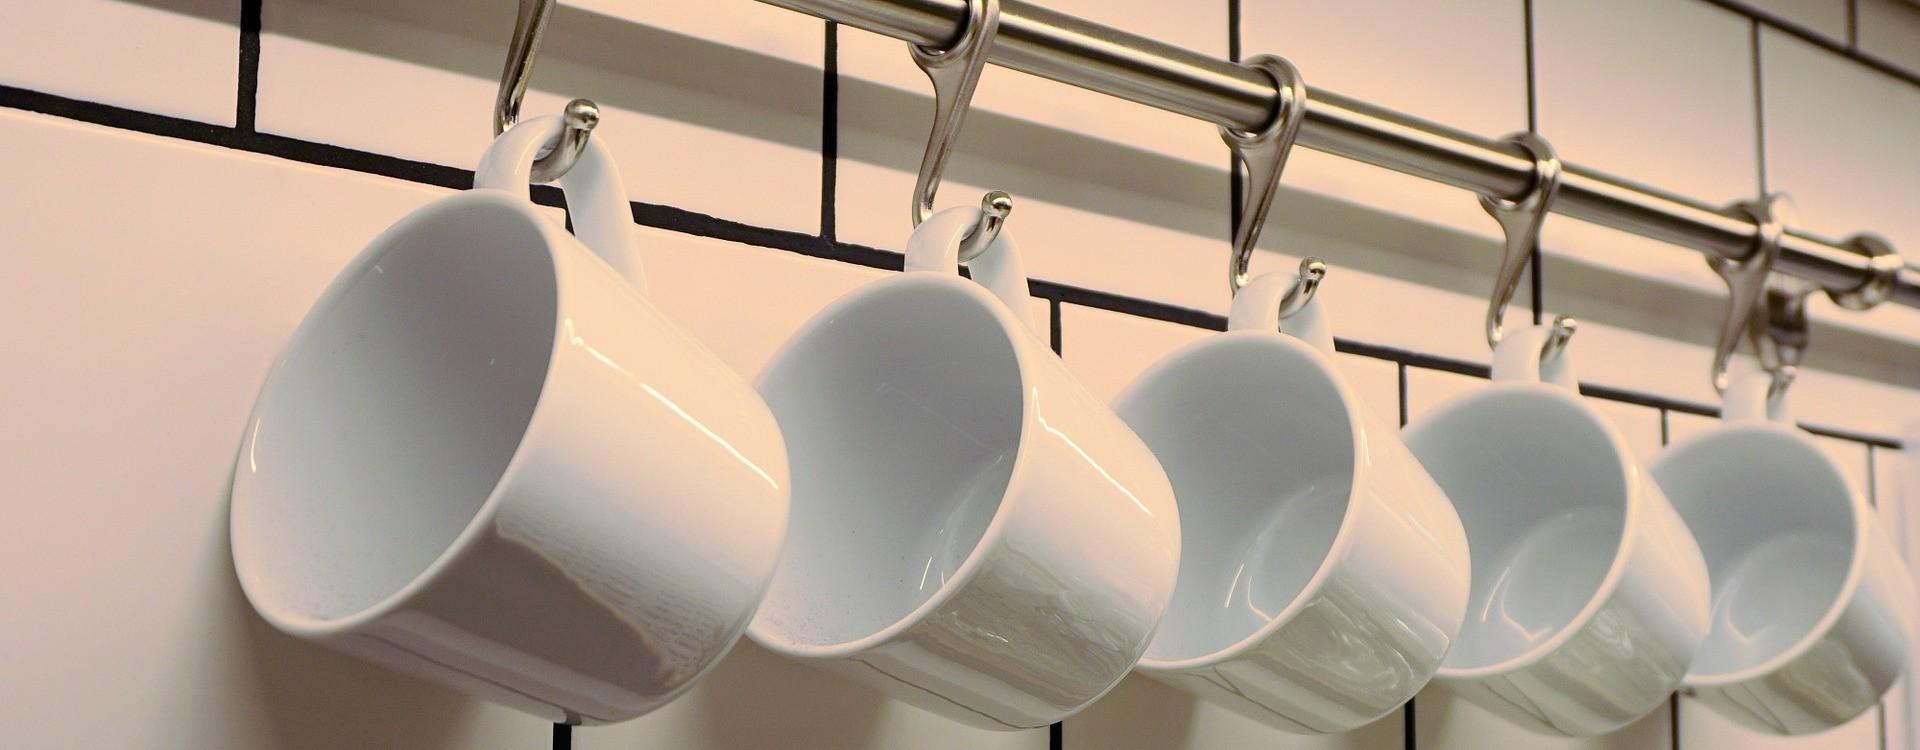 Polecane i sprawdzone płyny do naczyń – zadbaj o porządek w swojej kuchni